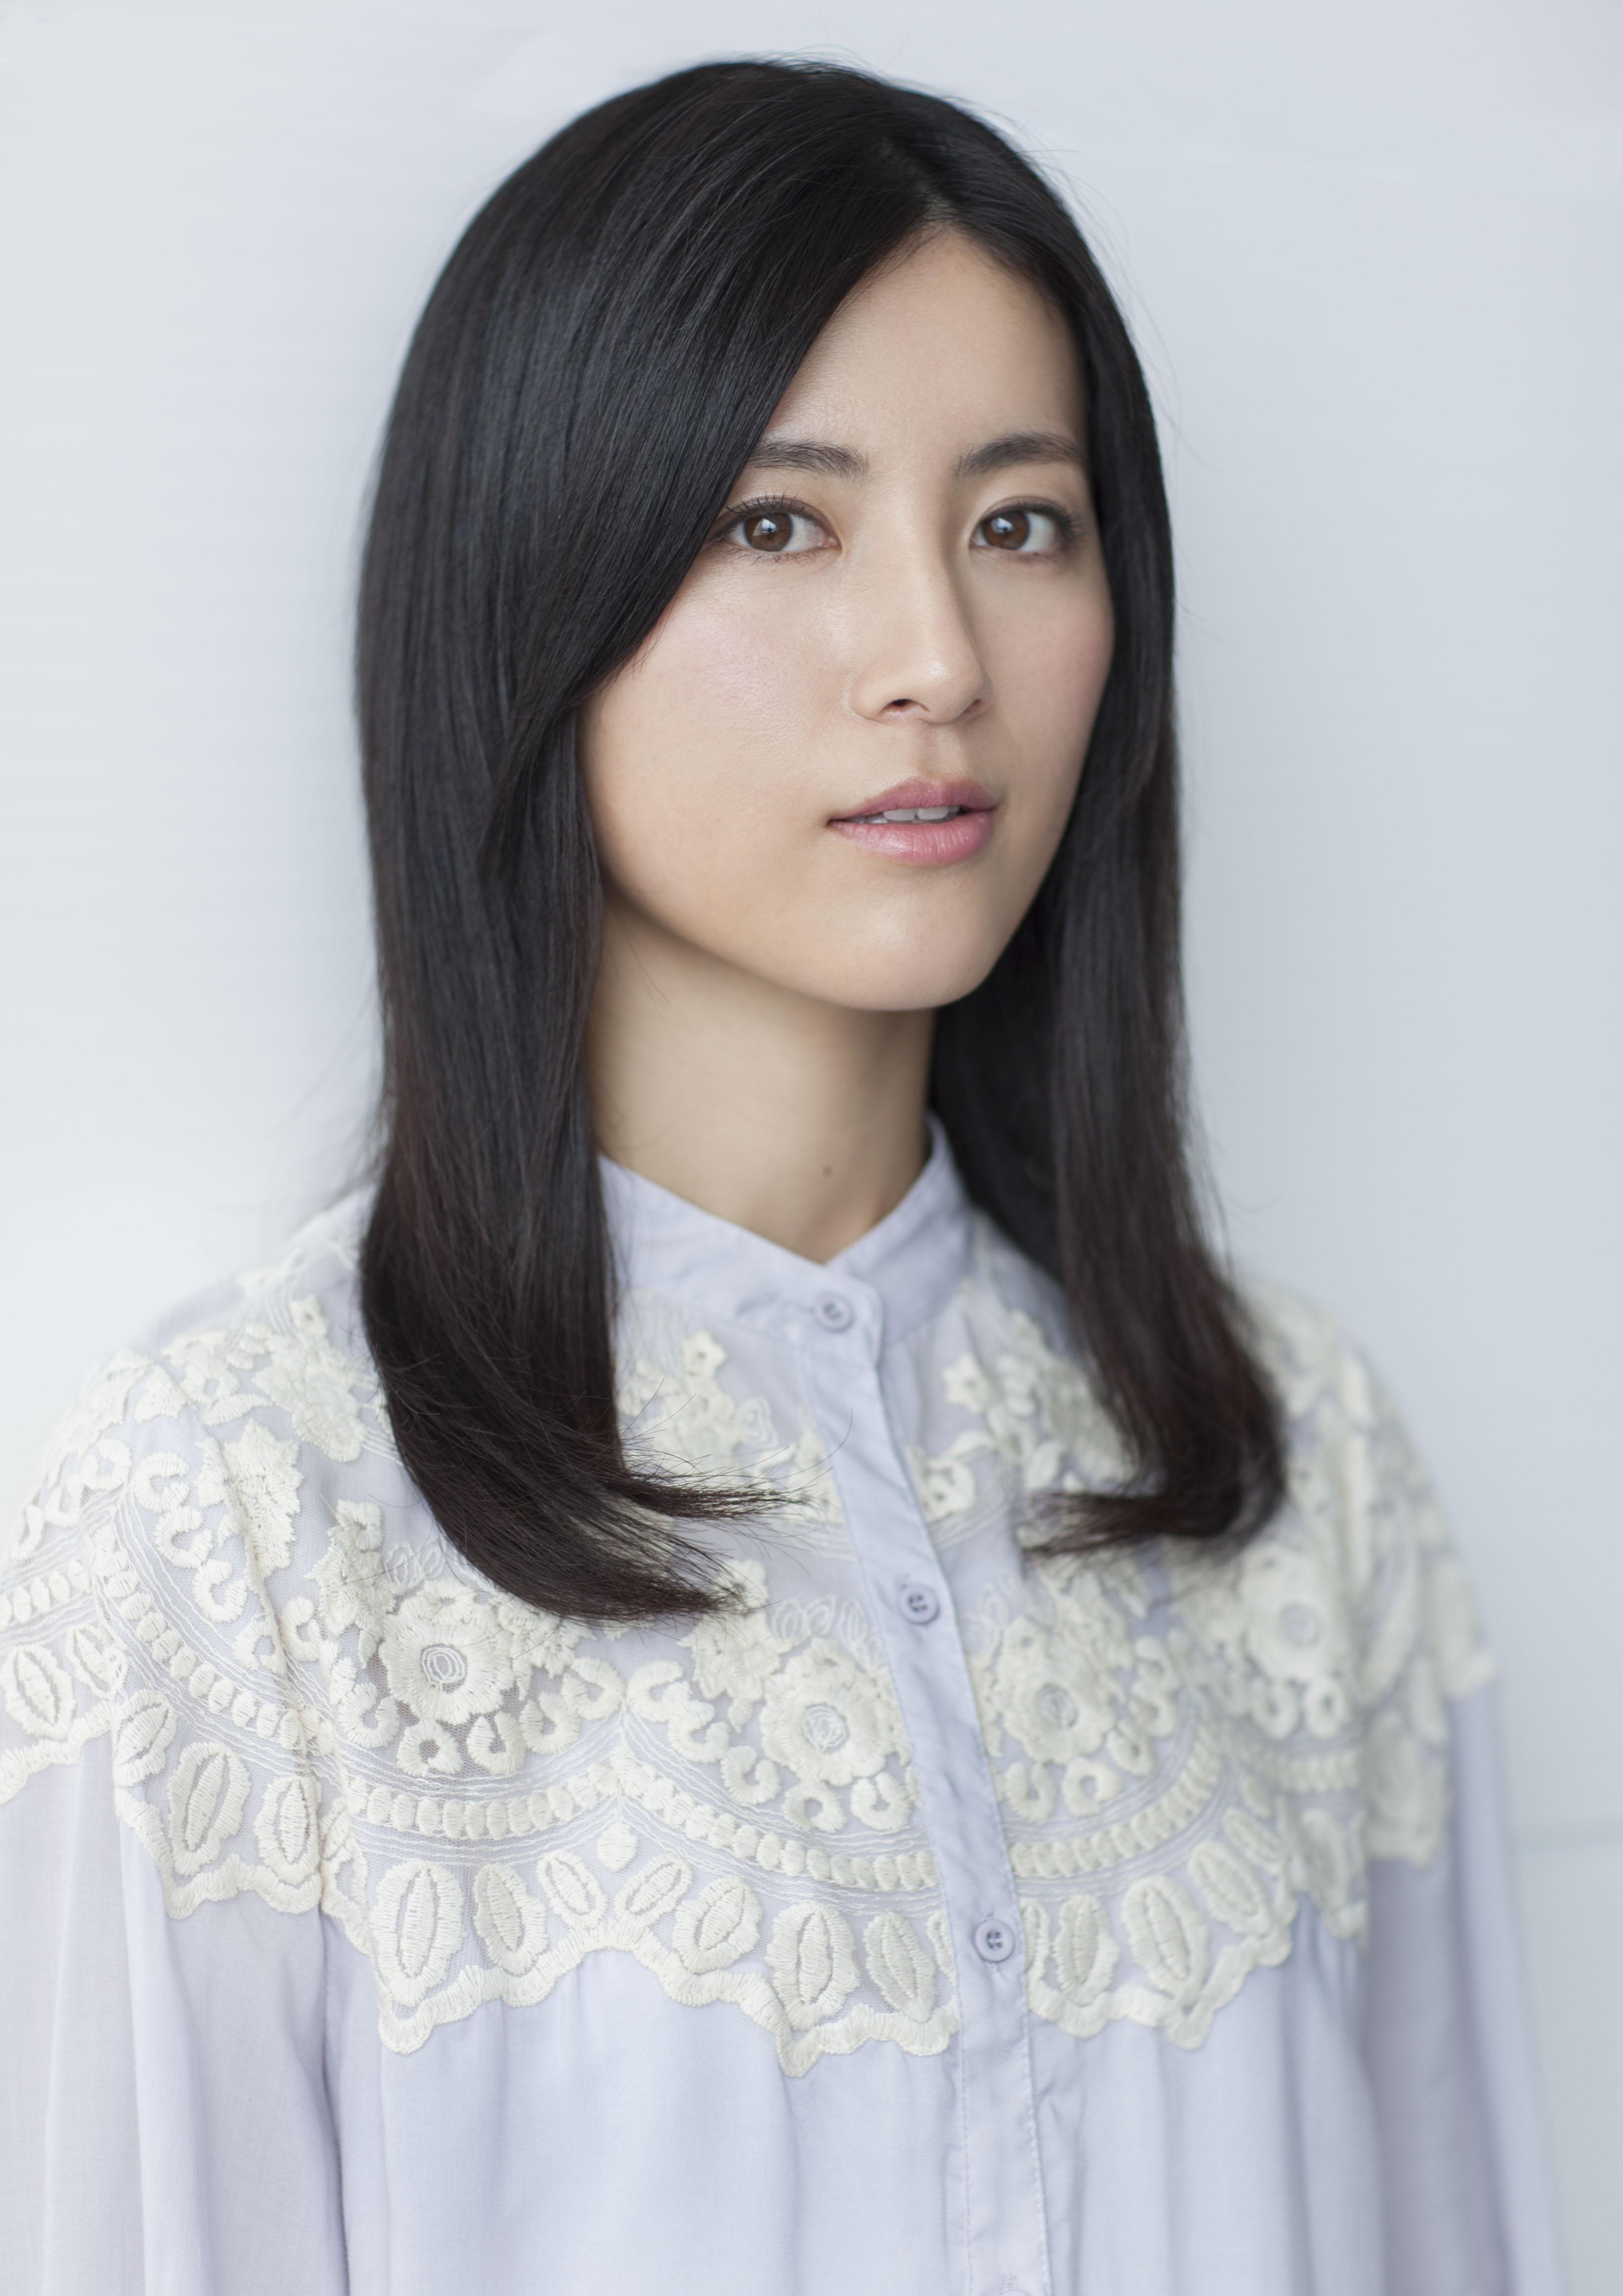 魅力的な表情の福田彩乃